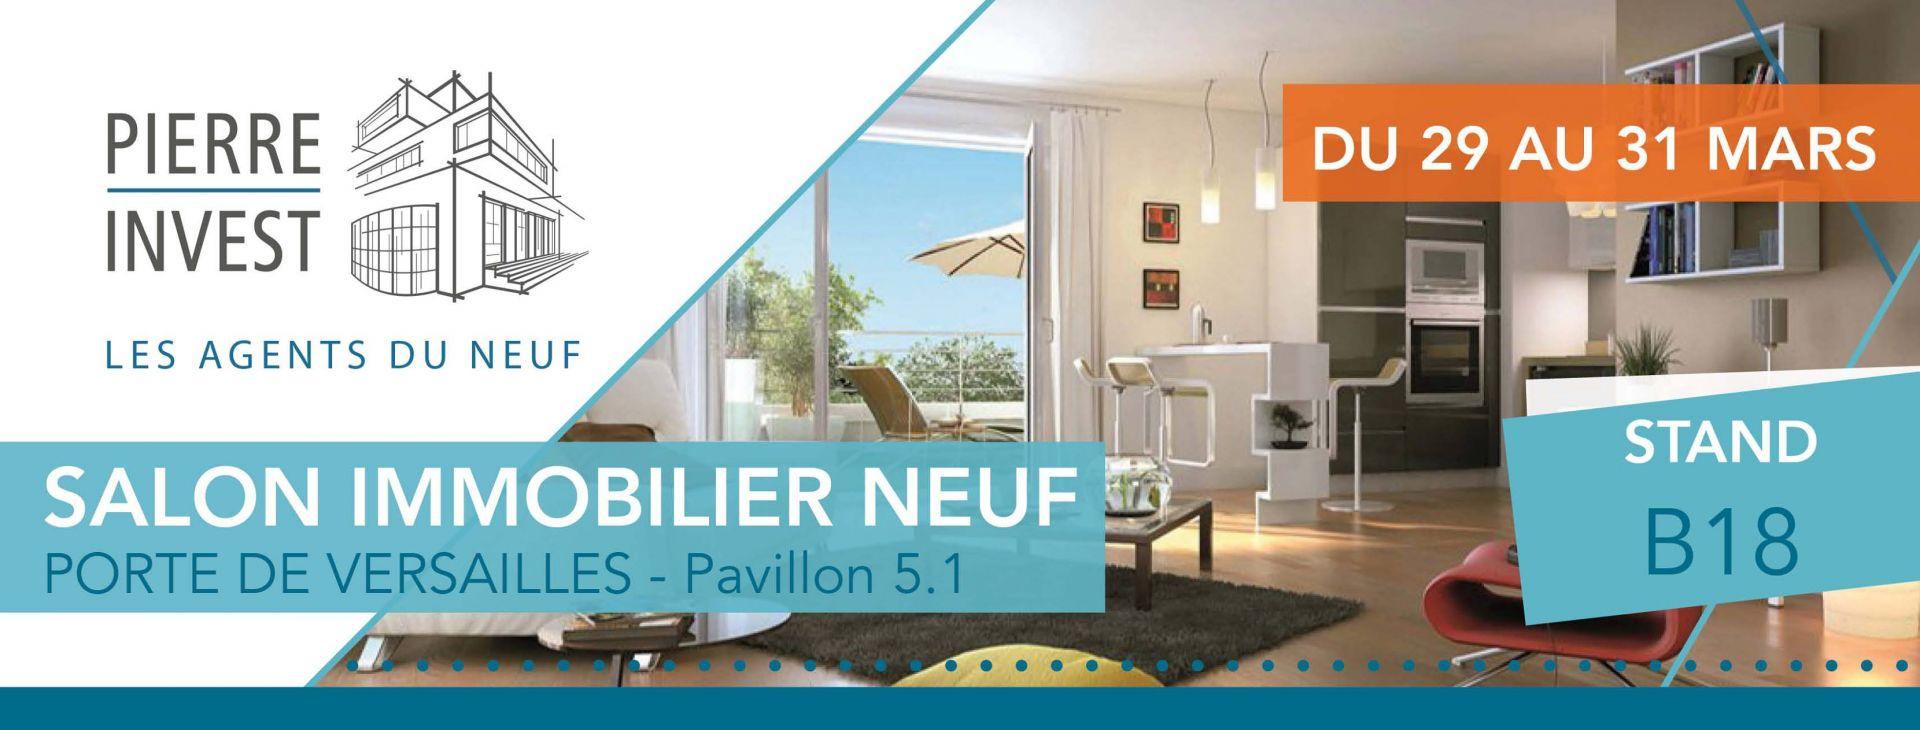 Salon de l'immobilier neuf Paris  2019